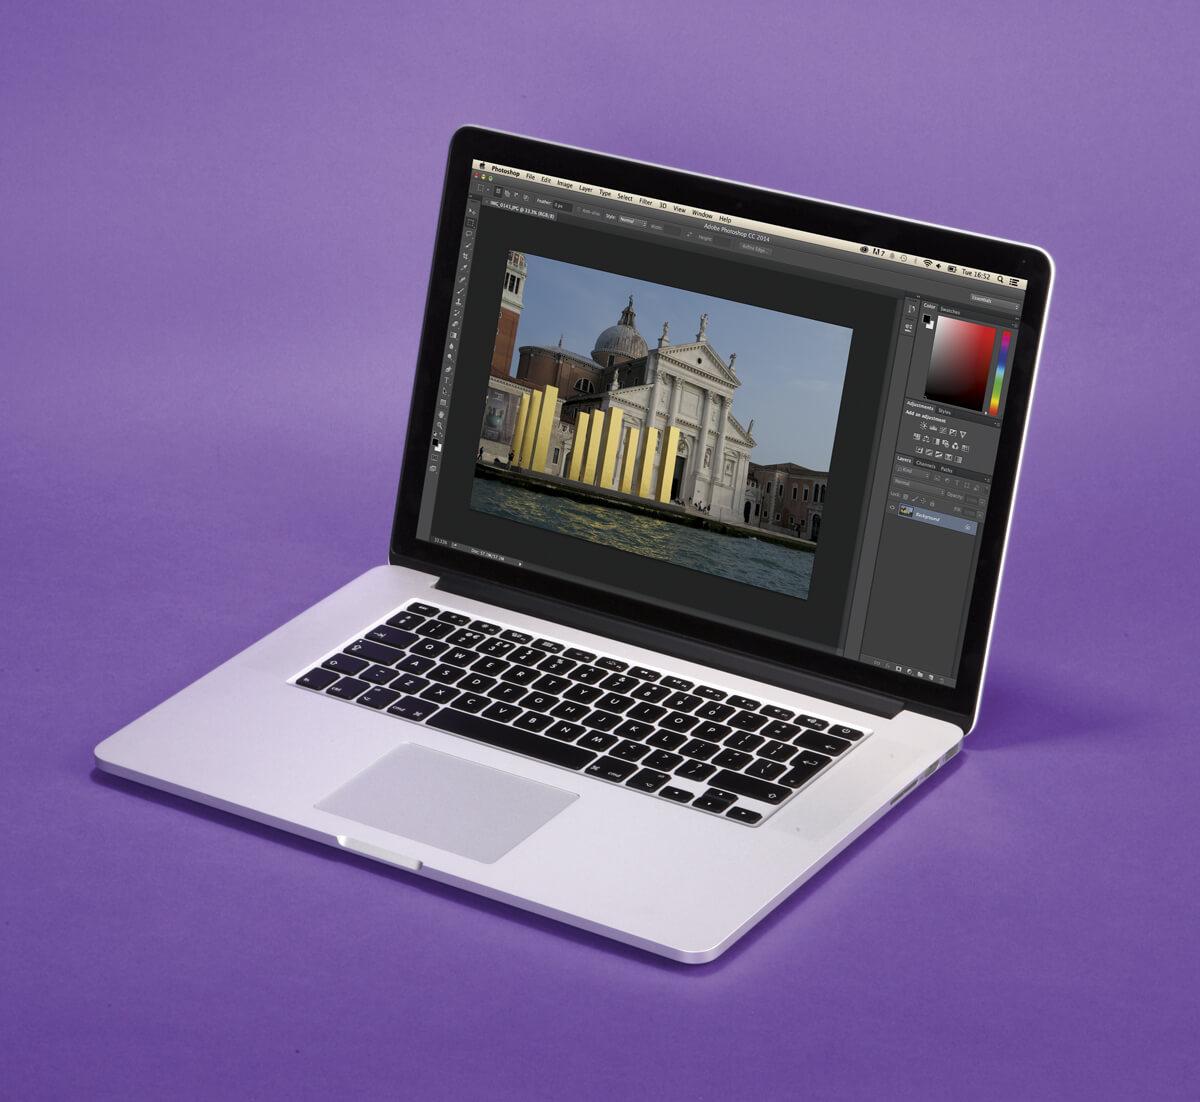 белыми бантами популярные ноутбуки для фотографов могла пройти мимо